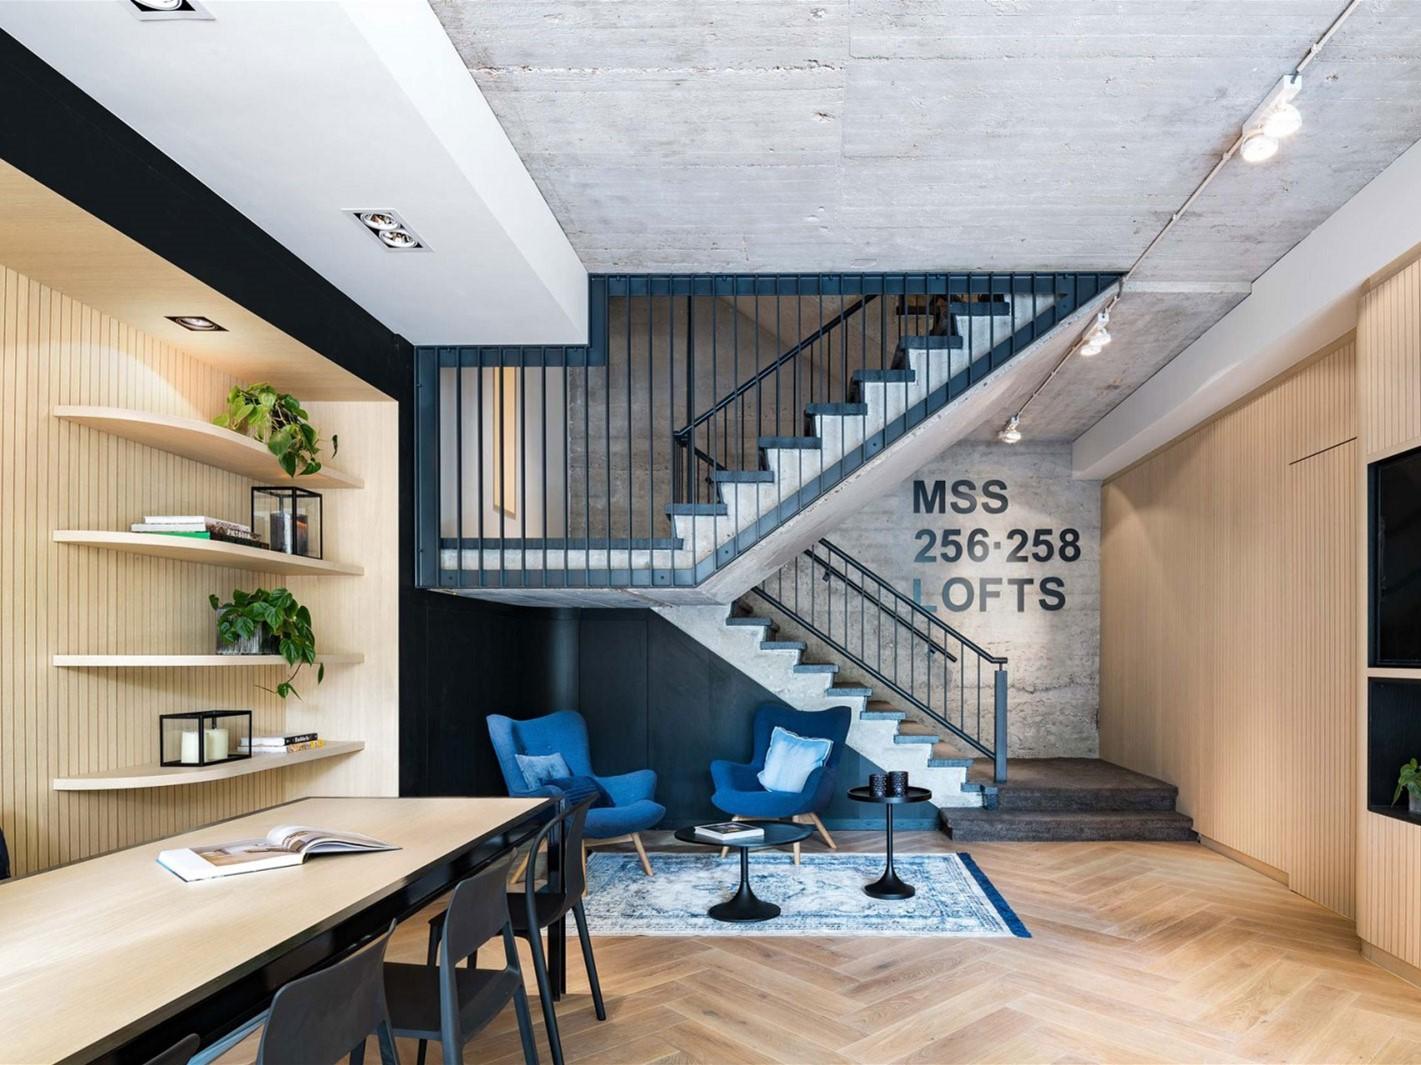 共有 12 种不同的楼中楼房型设计,室内均以原始混凝土天花板及壁面,水图片